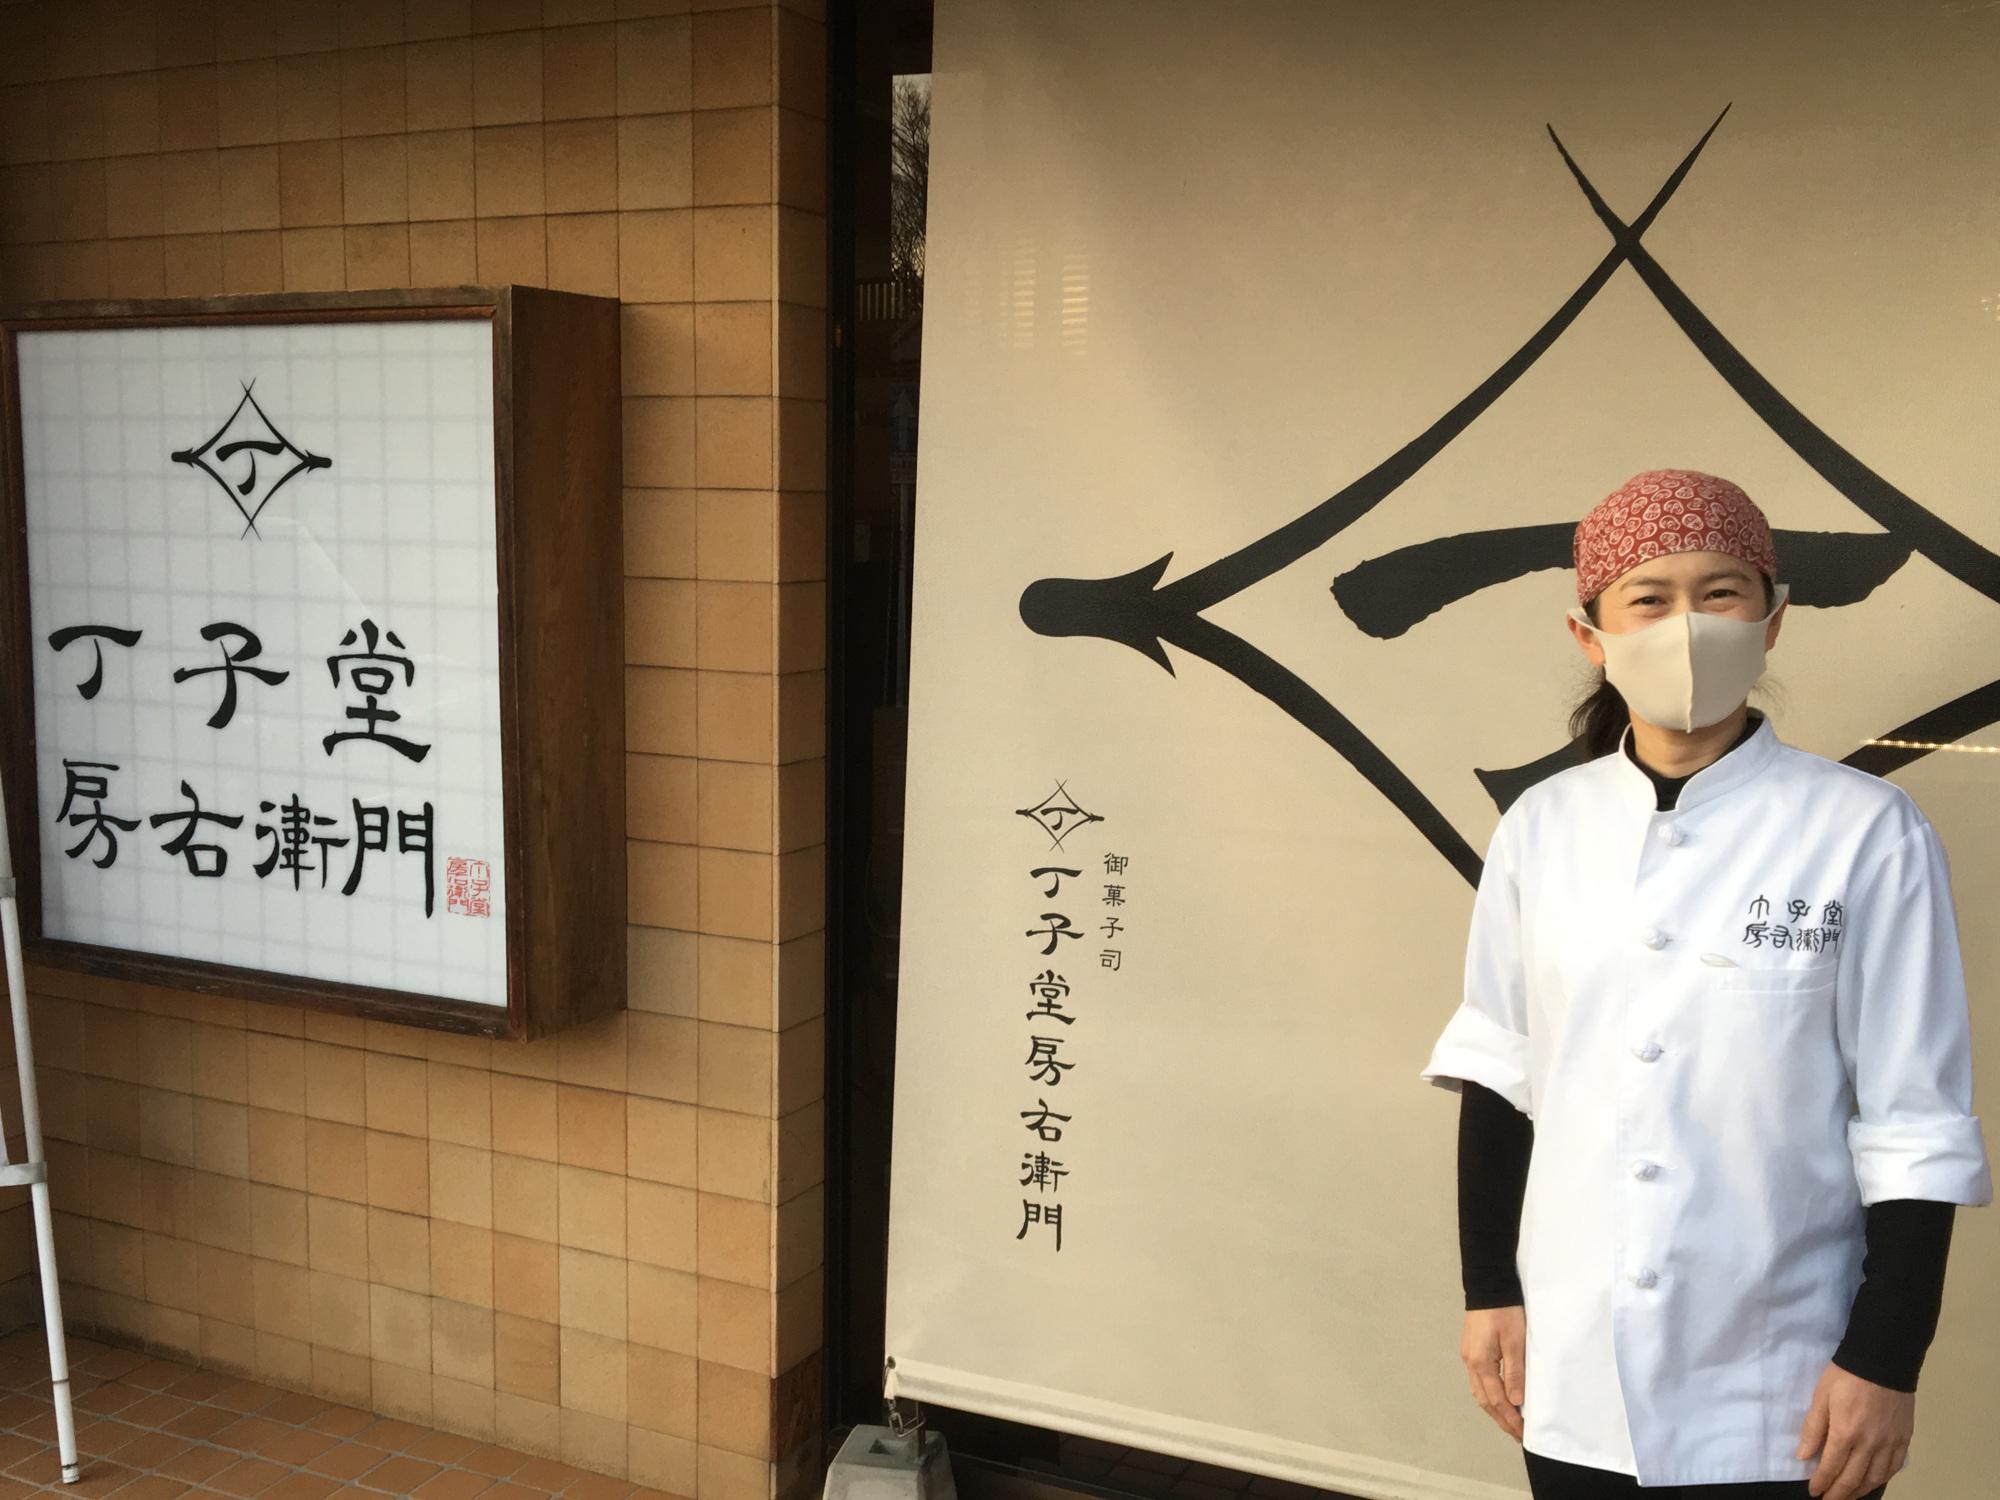 丁子堂房右衛門【倉賀野町・令和3年3月9日(火)放送】